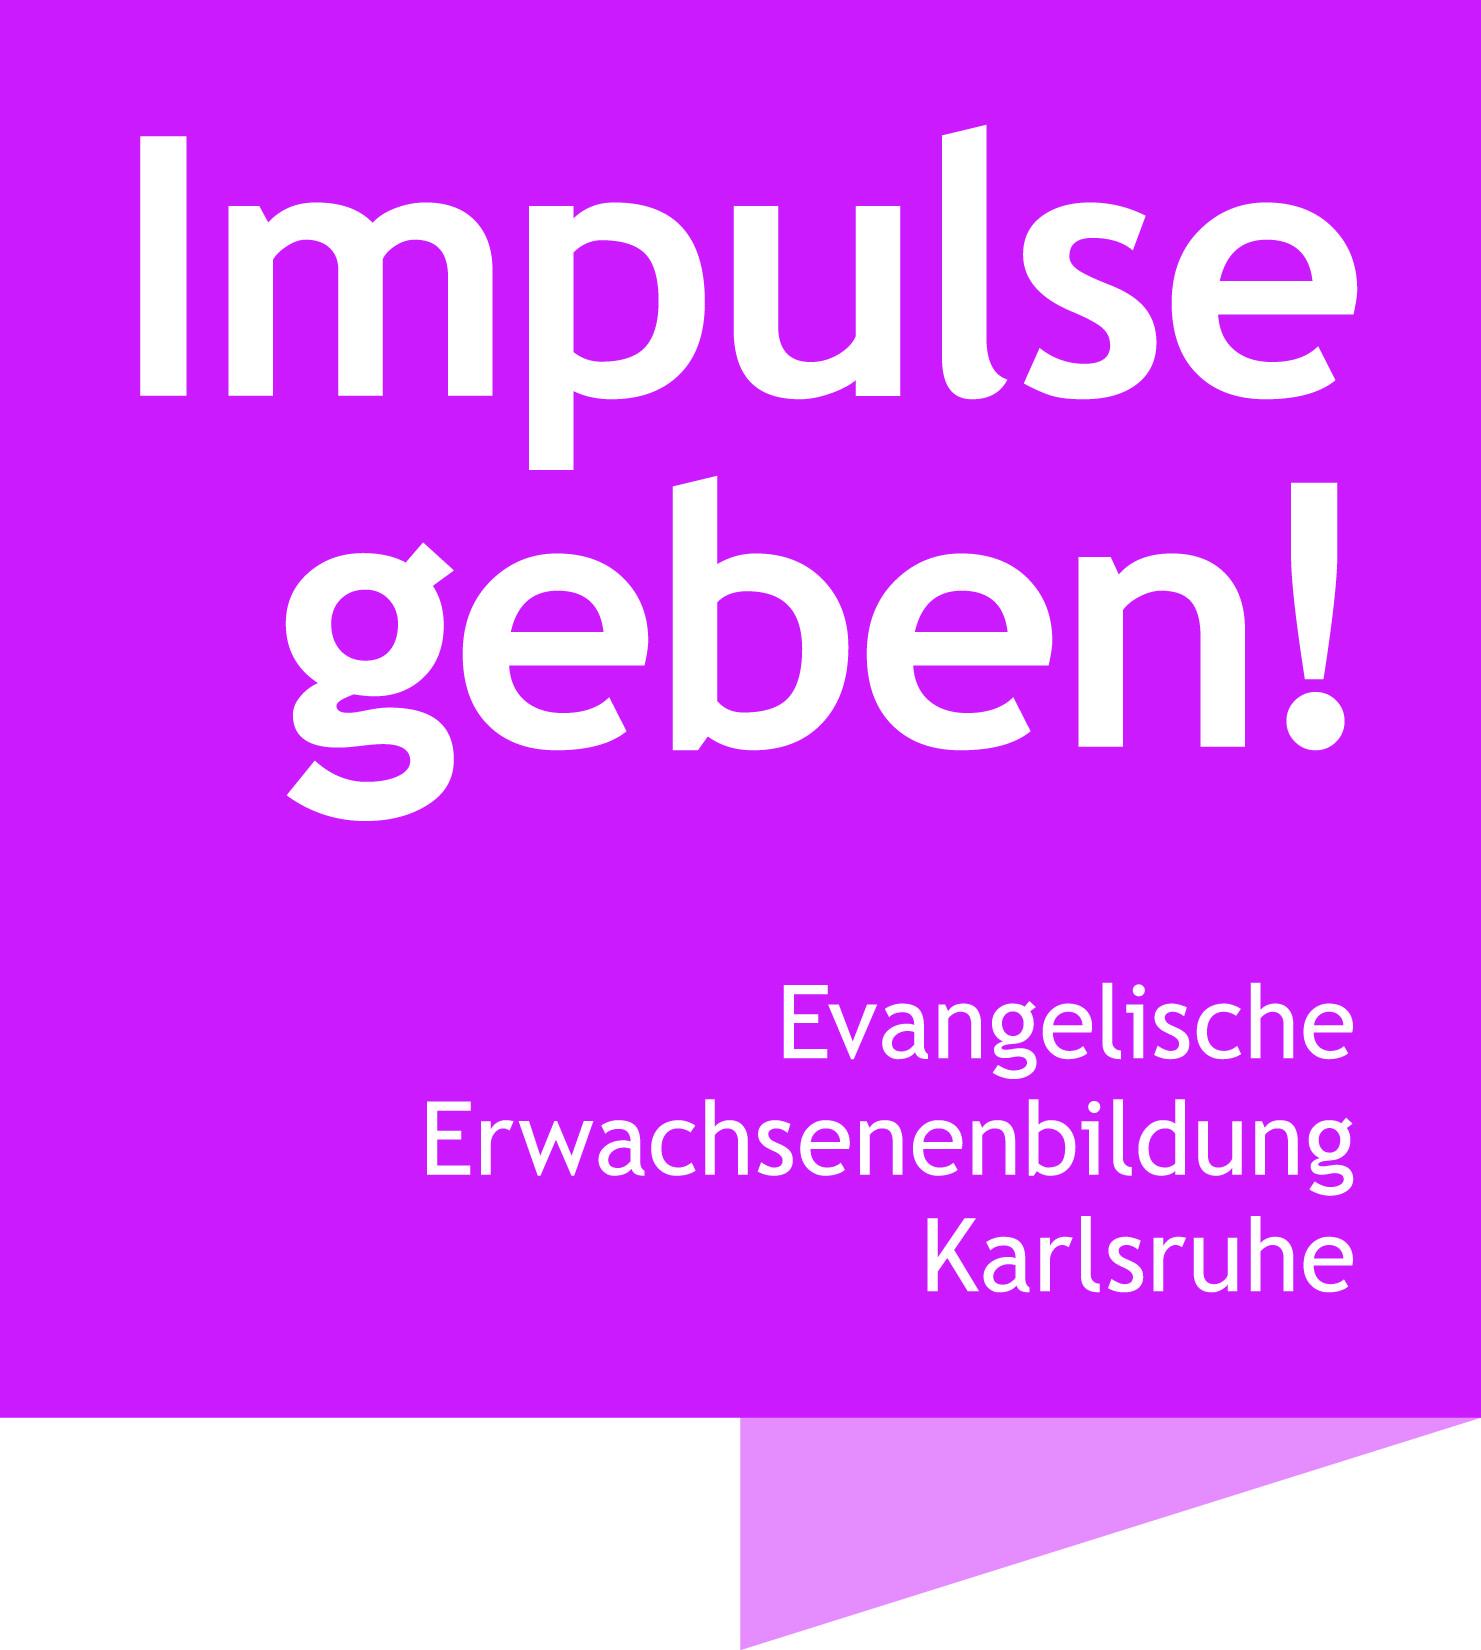 Evangelische Erwachsenenbildung Karlsruhe